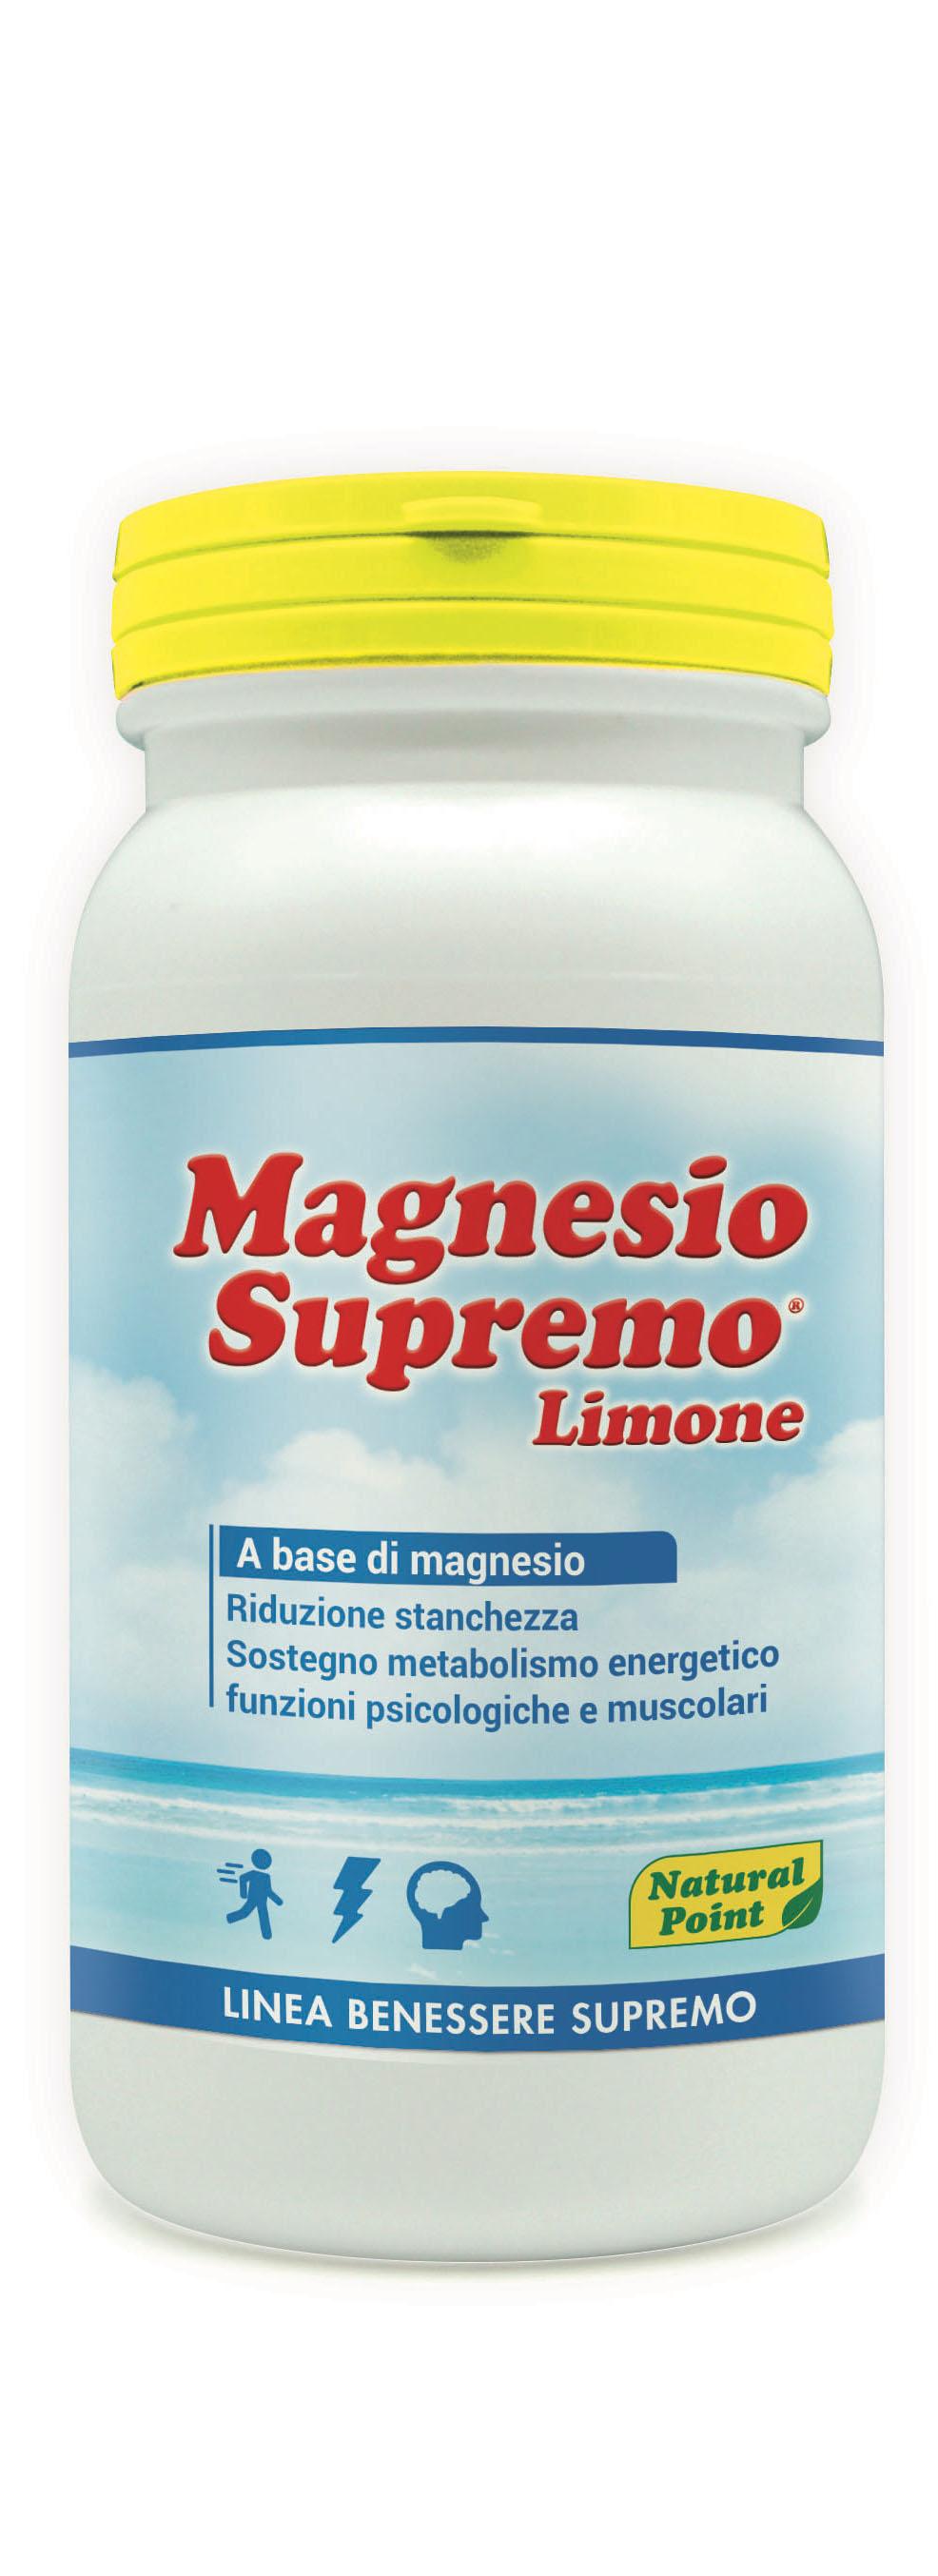 Magnesio Supremo Limone Linea Benessere Supremo Natural Point 150g